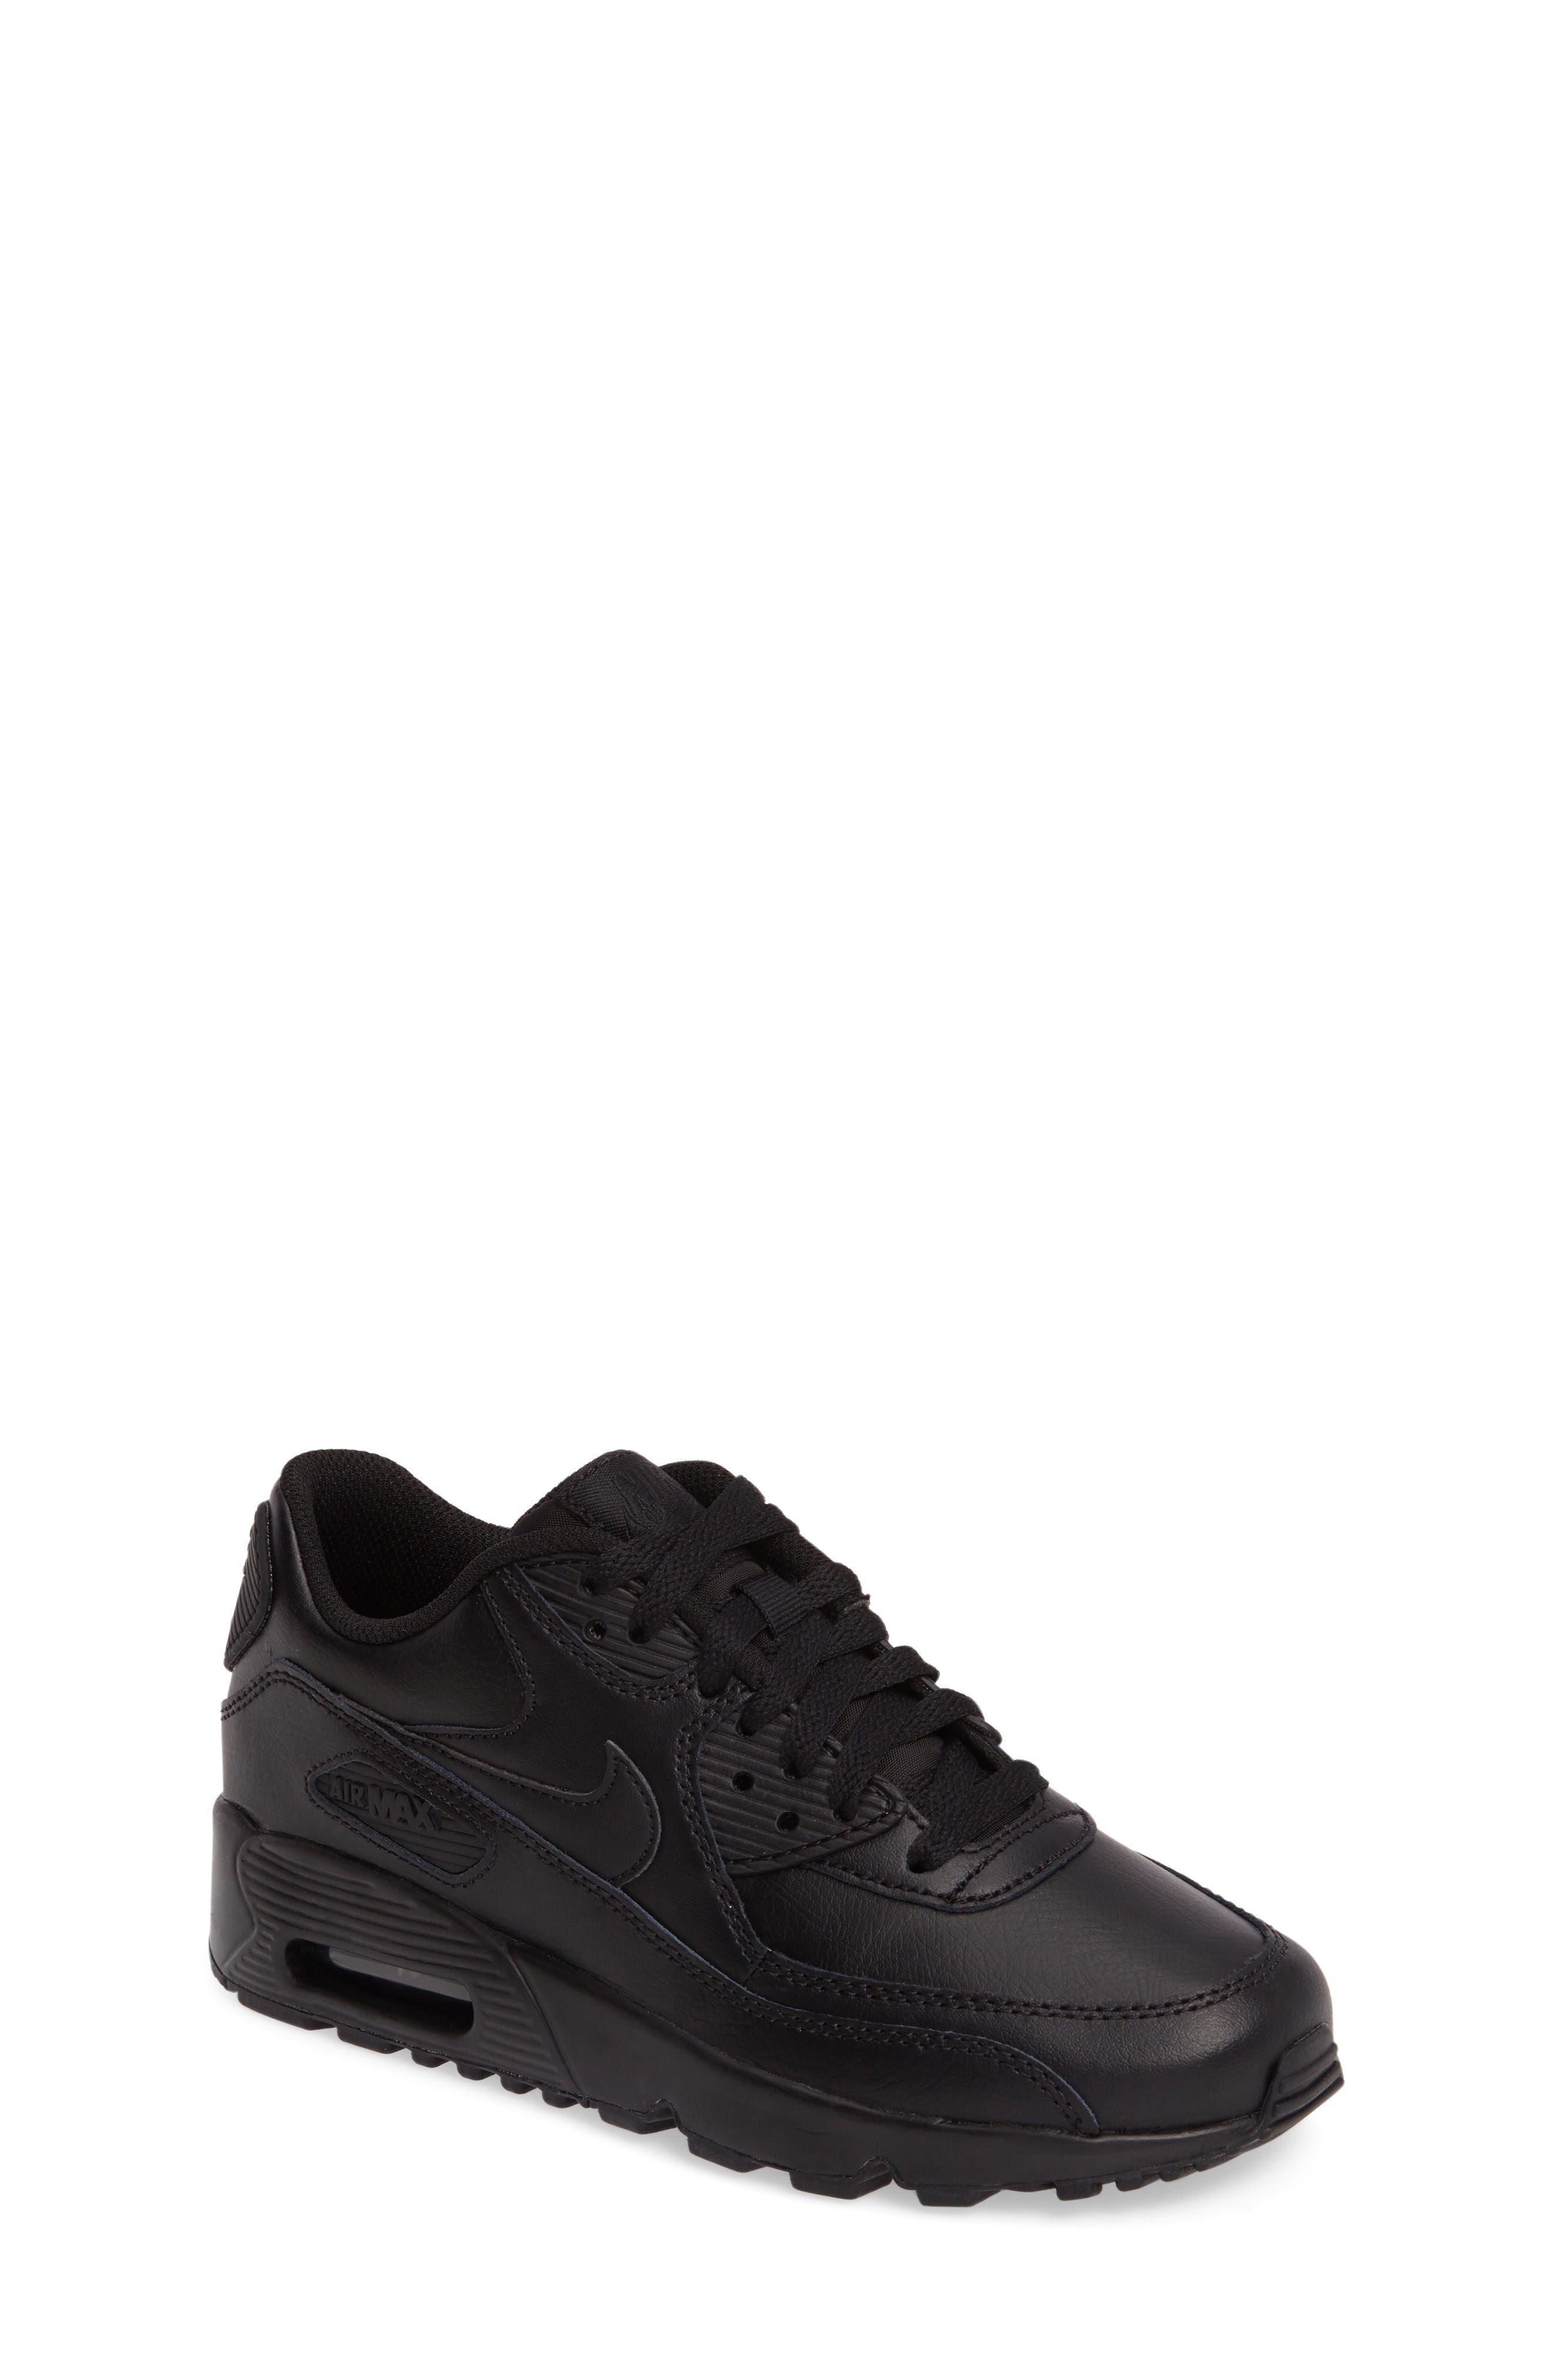 Main Image - Nike Air Max 90 Sneaker (Big Kid)